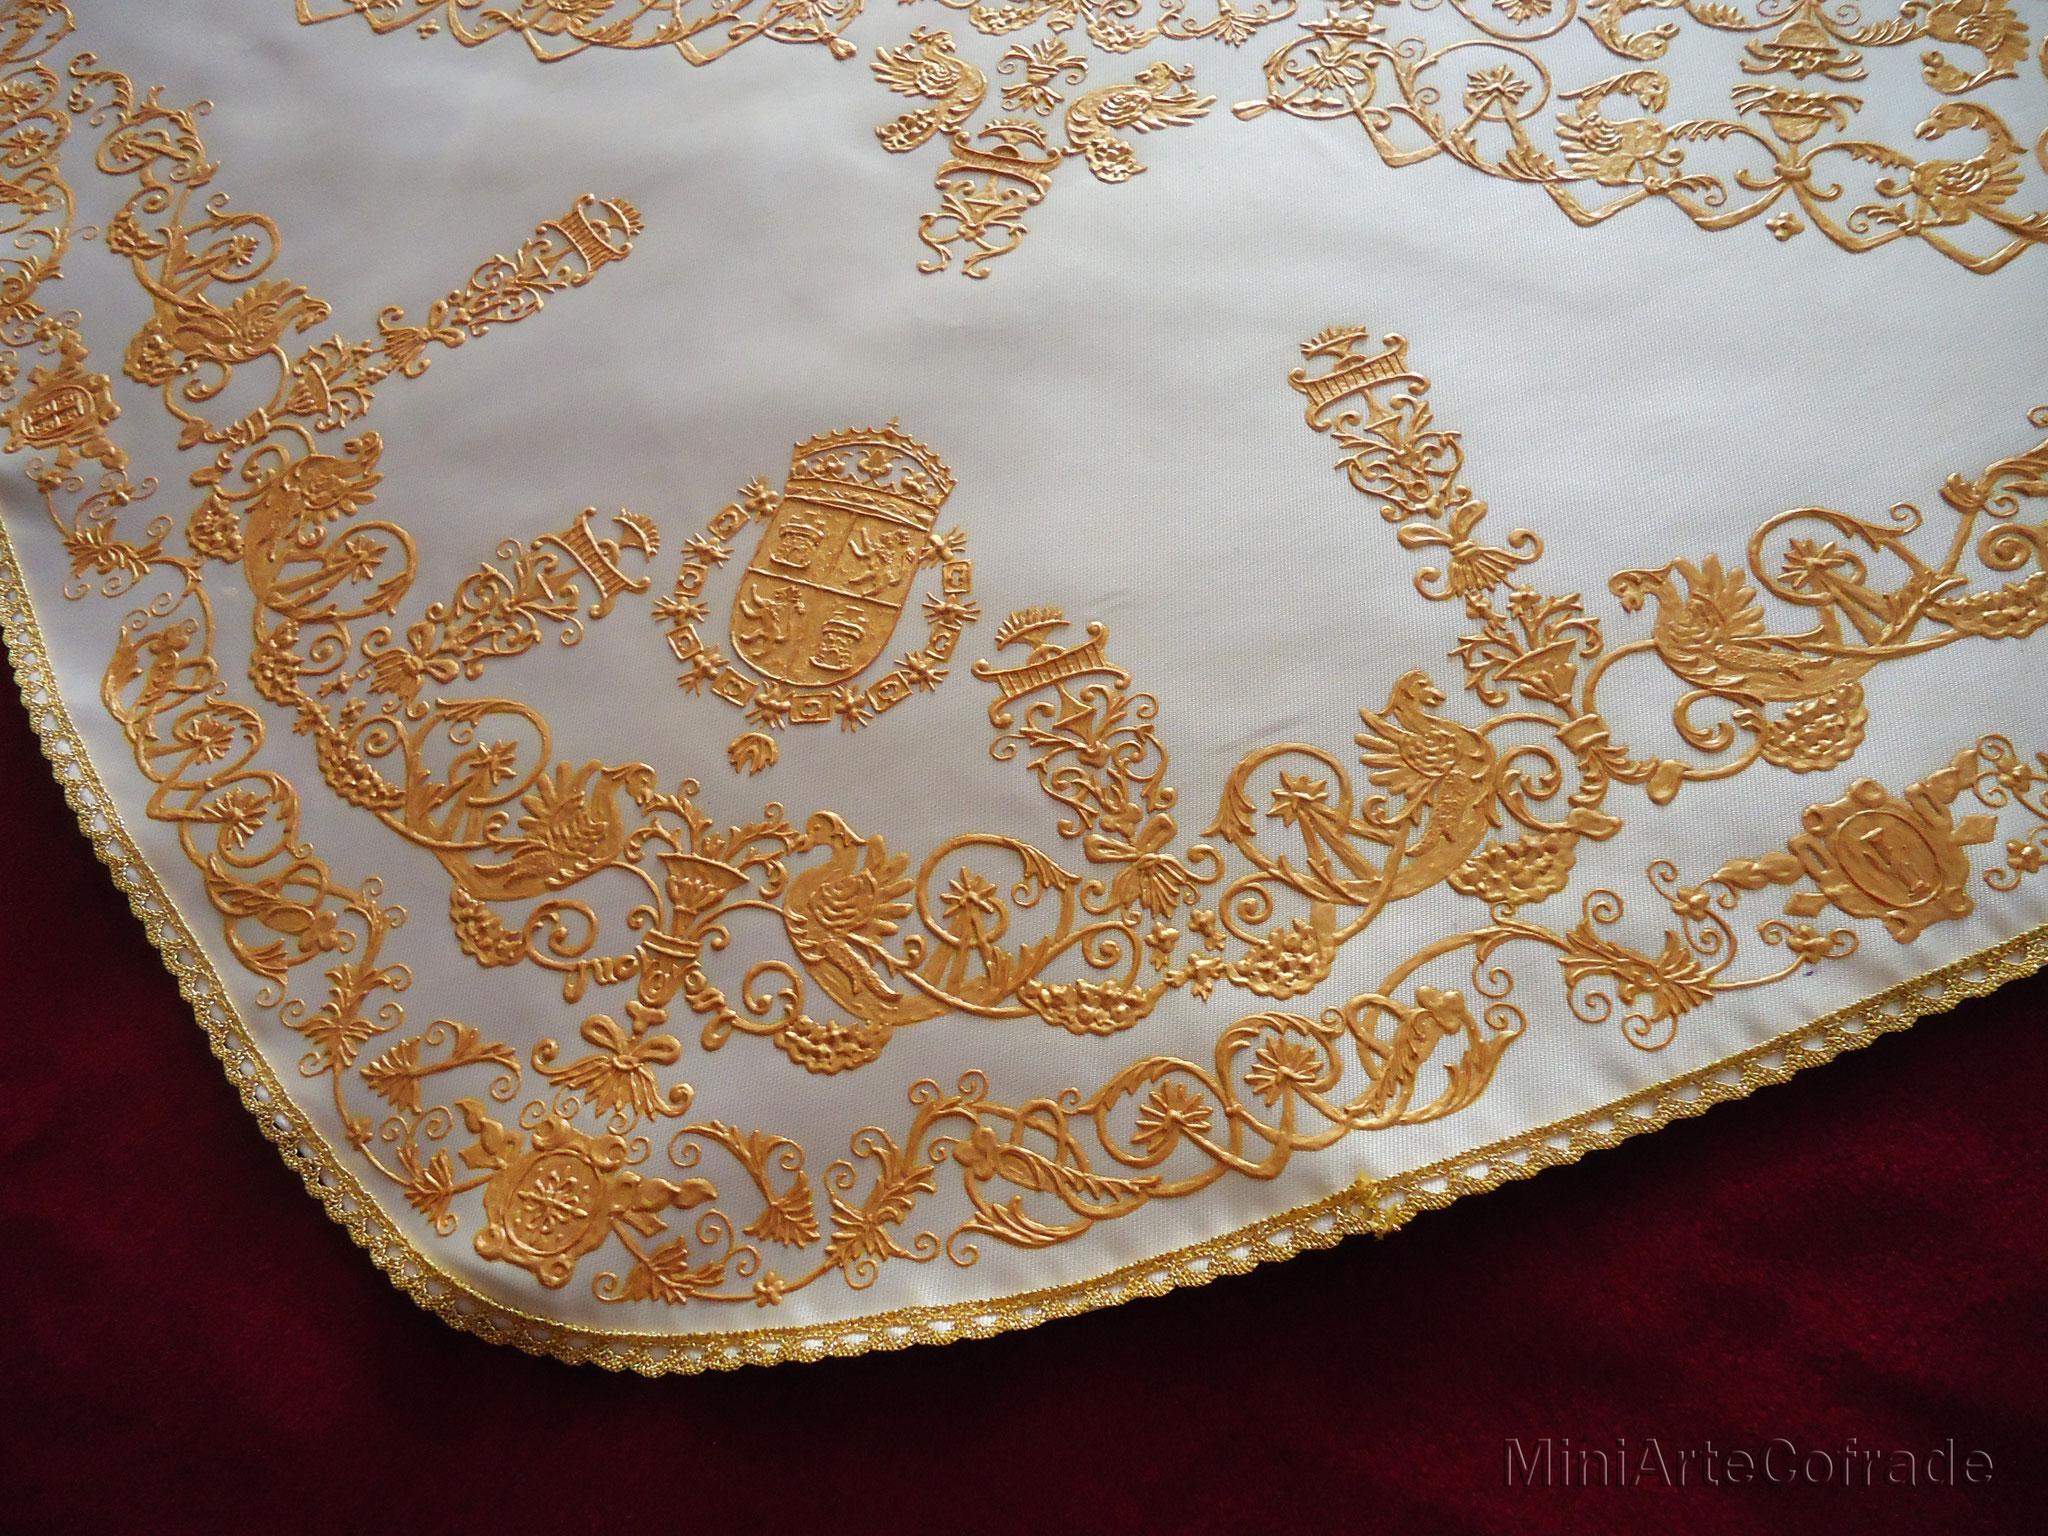 Detalle del manto de la Macarena en miniatura